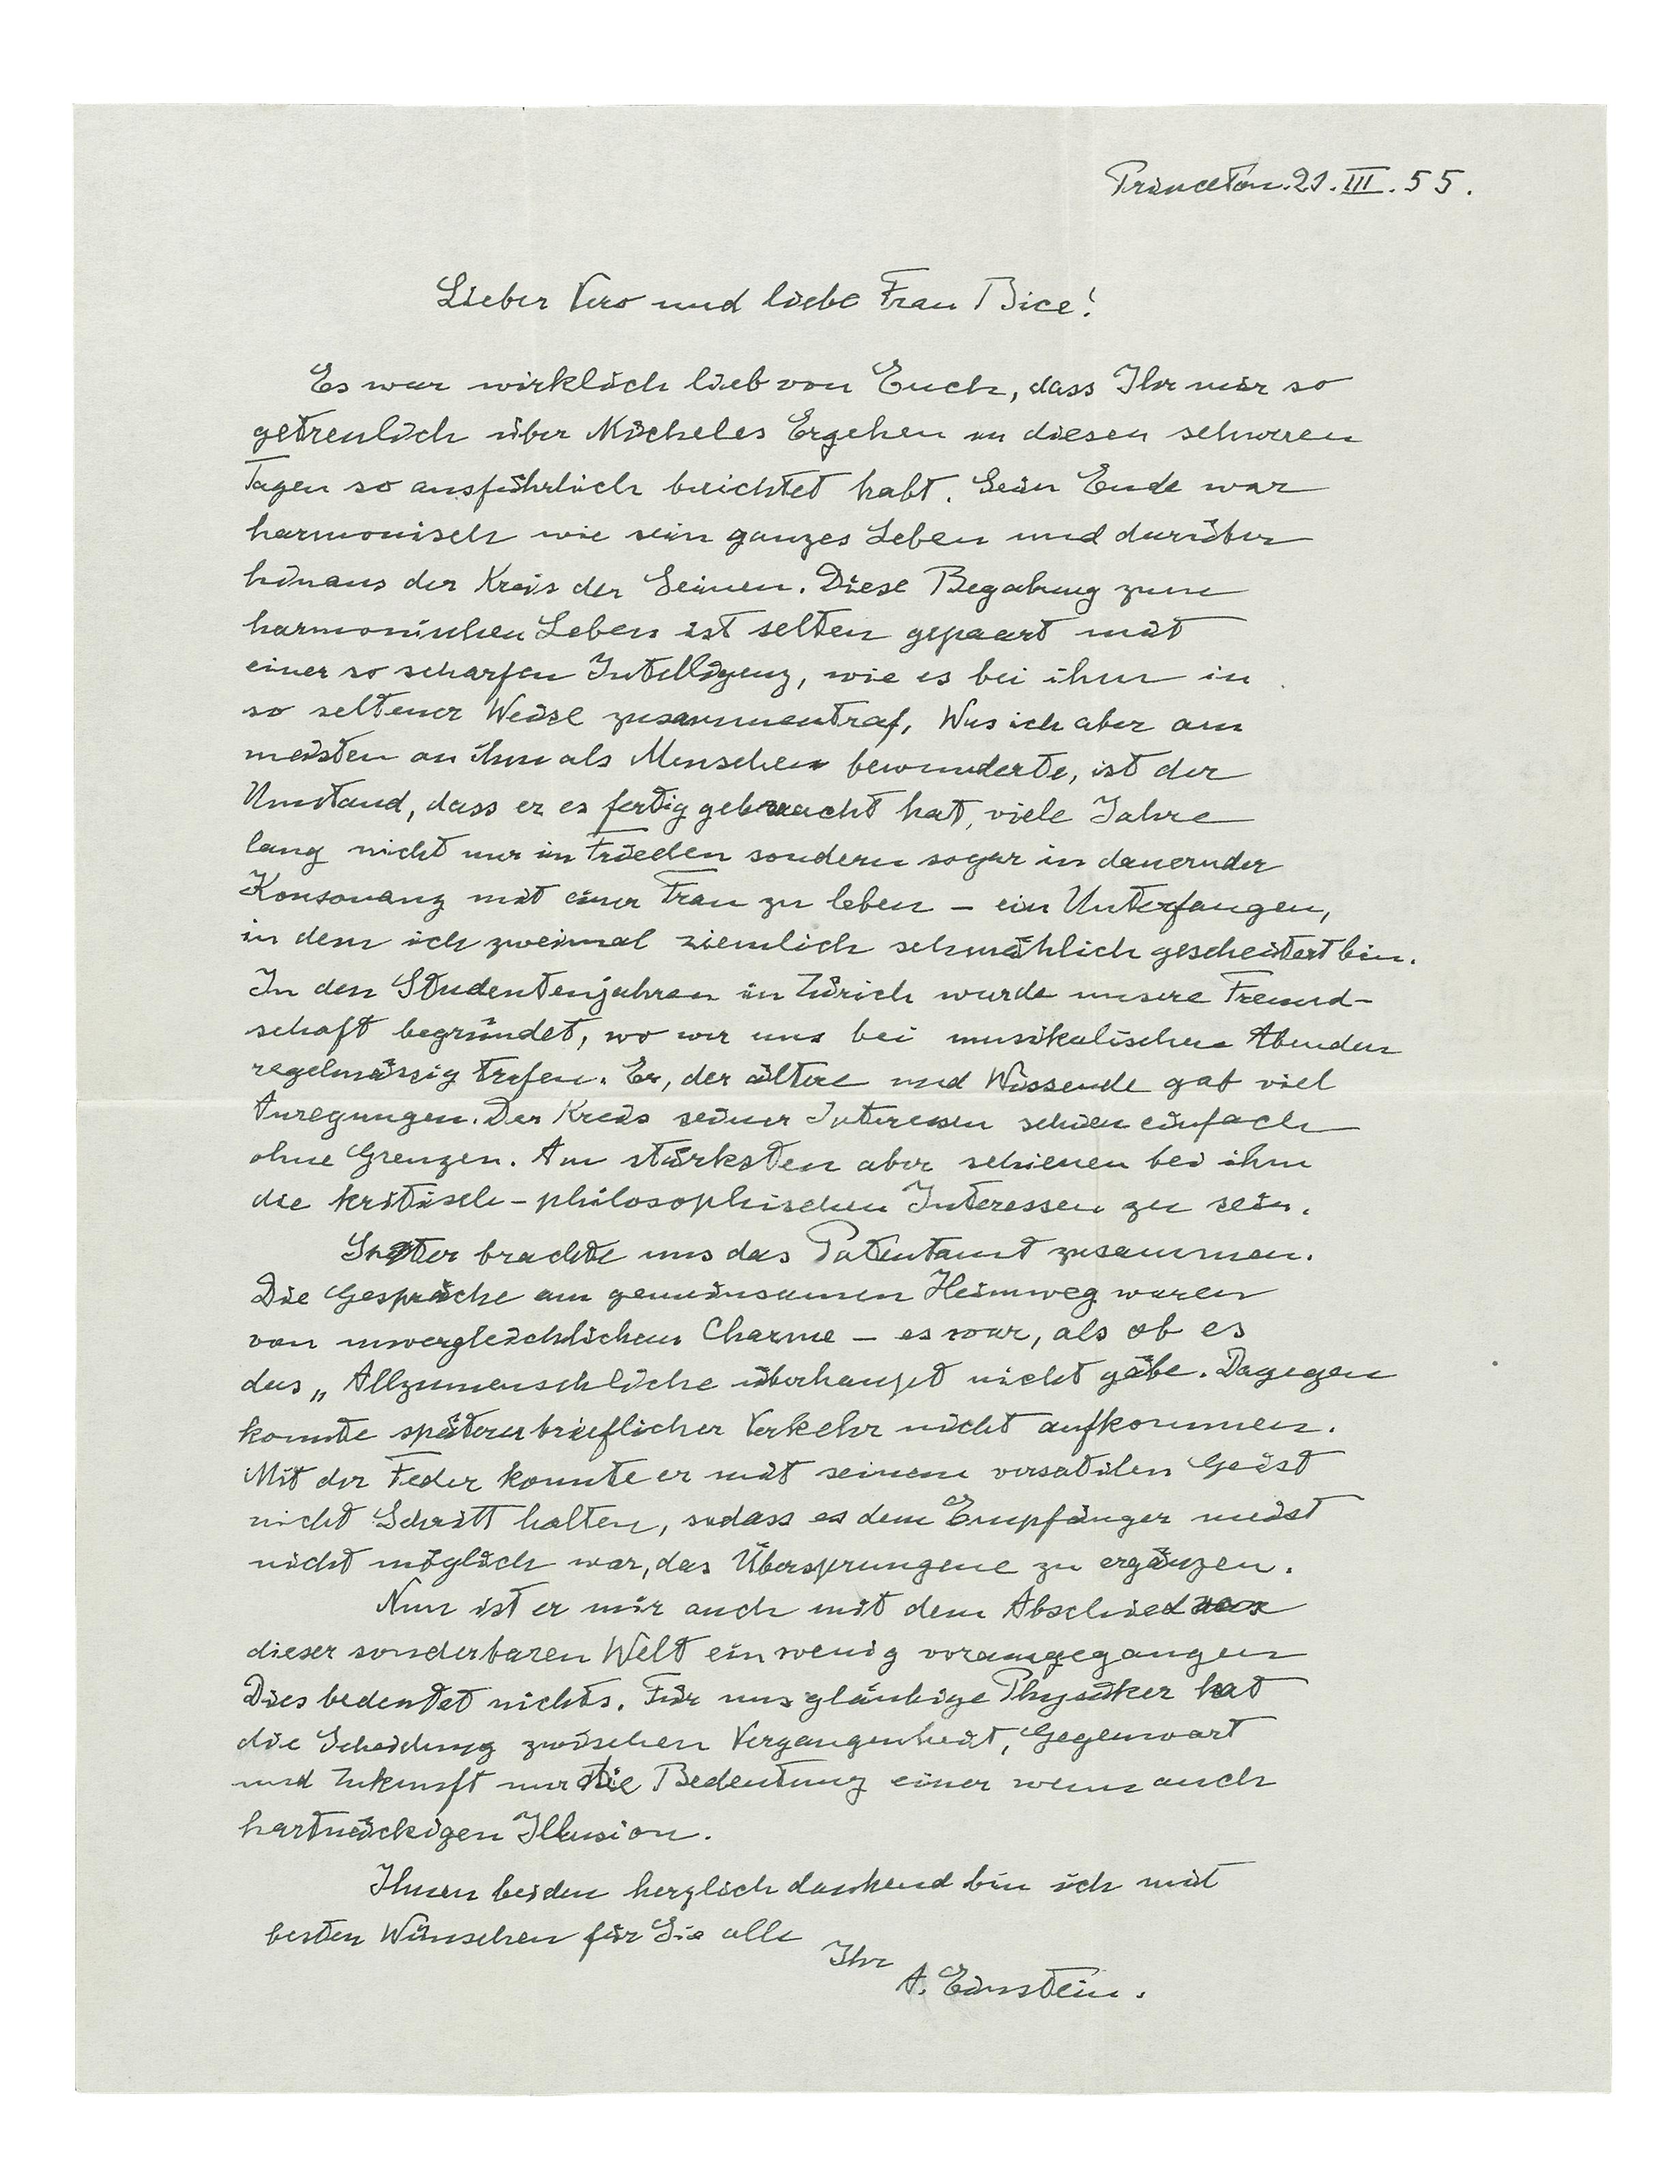 EINSTEIN, Albert (1879-1955). Autograph letter signed ('A. Einstein') to Michele Besso's son, Vero, and sister, Bice Rusconi ('Lieber Vero und liebe Frau Bice'), Princeton, 21 March 1955.